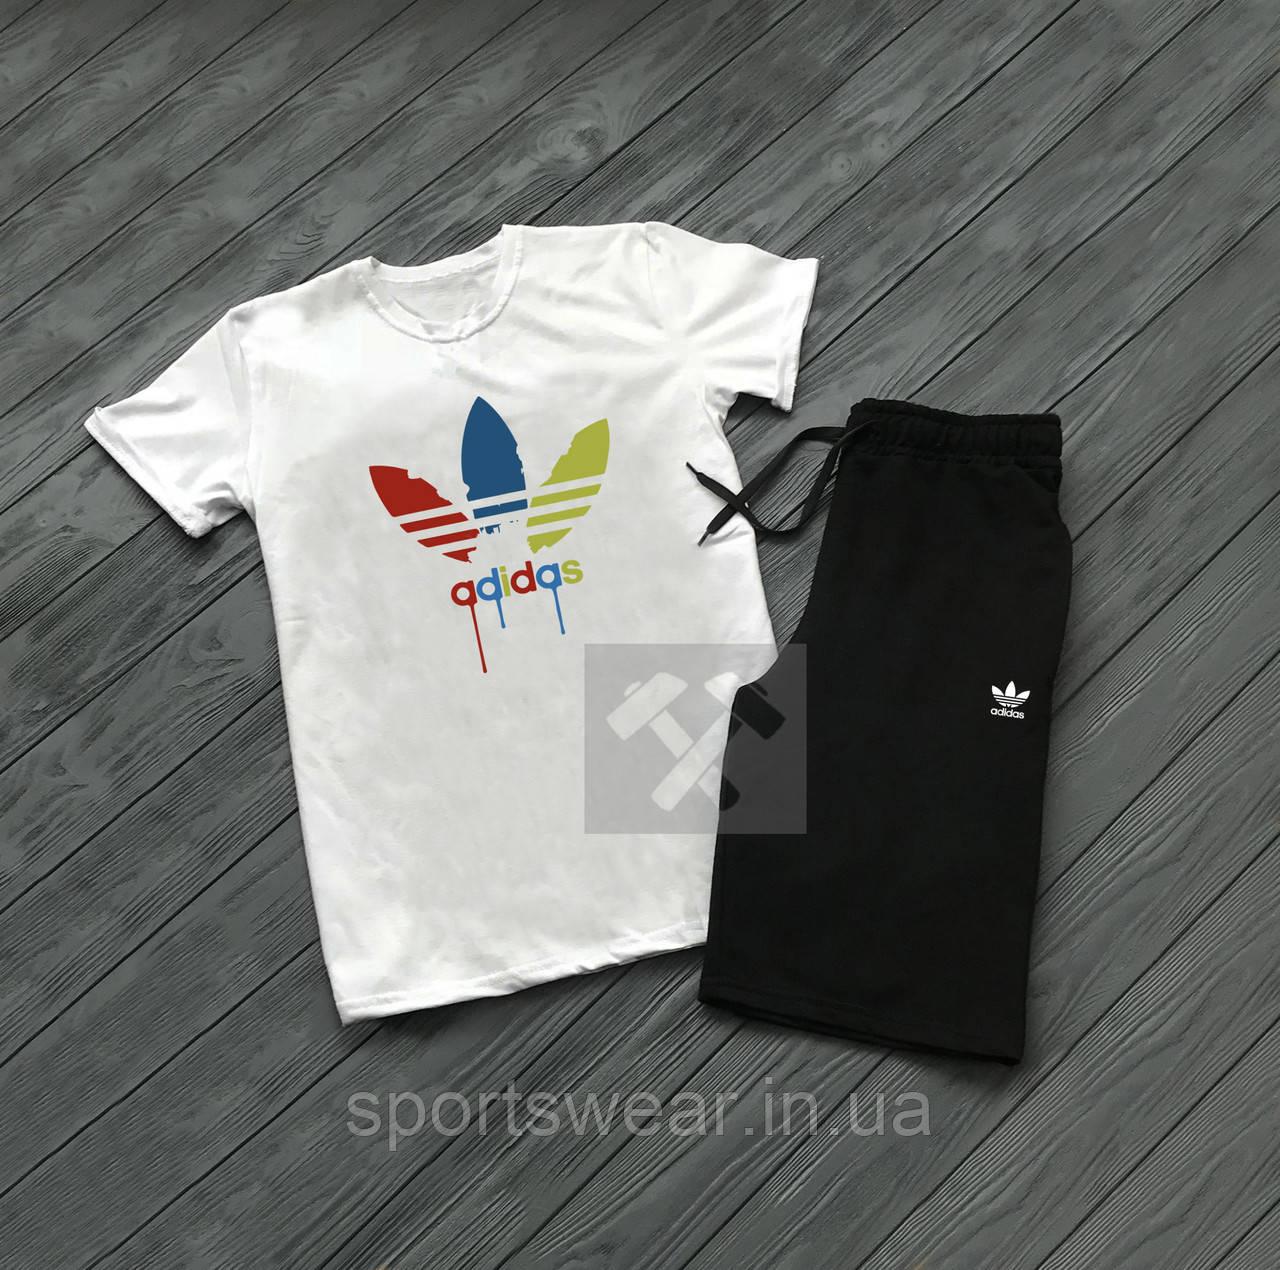 """Мужской комплект футболка + шорты Adidas серого и черного цвета """""""" В стиле Adidas """""""""""